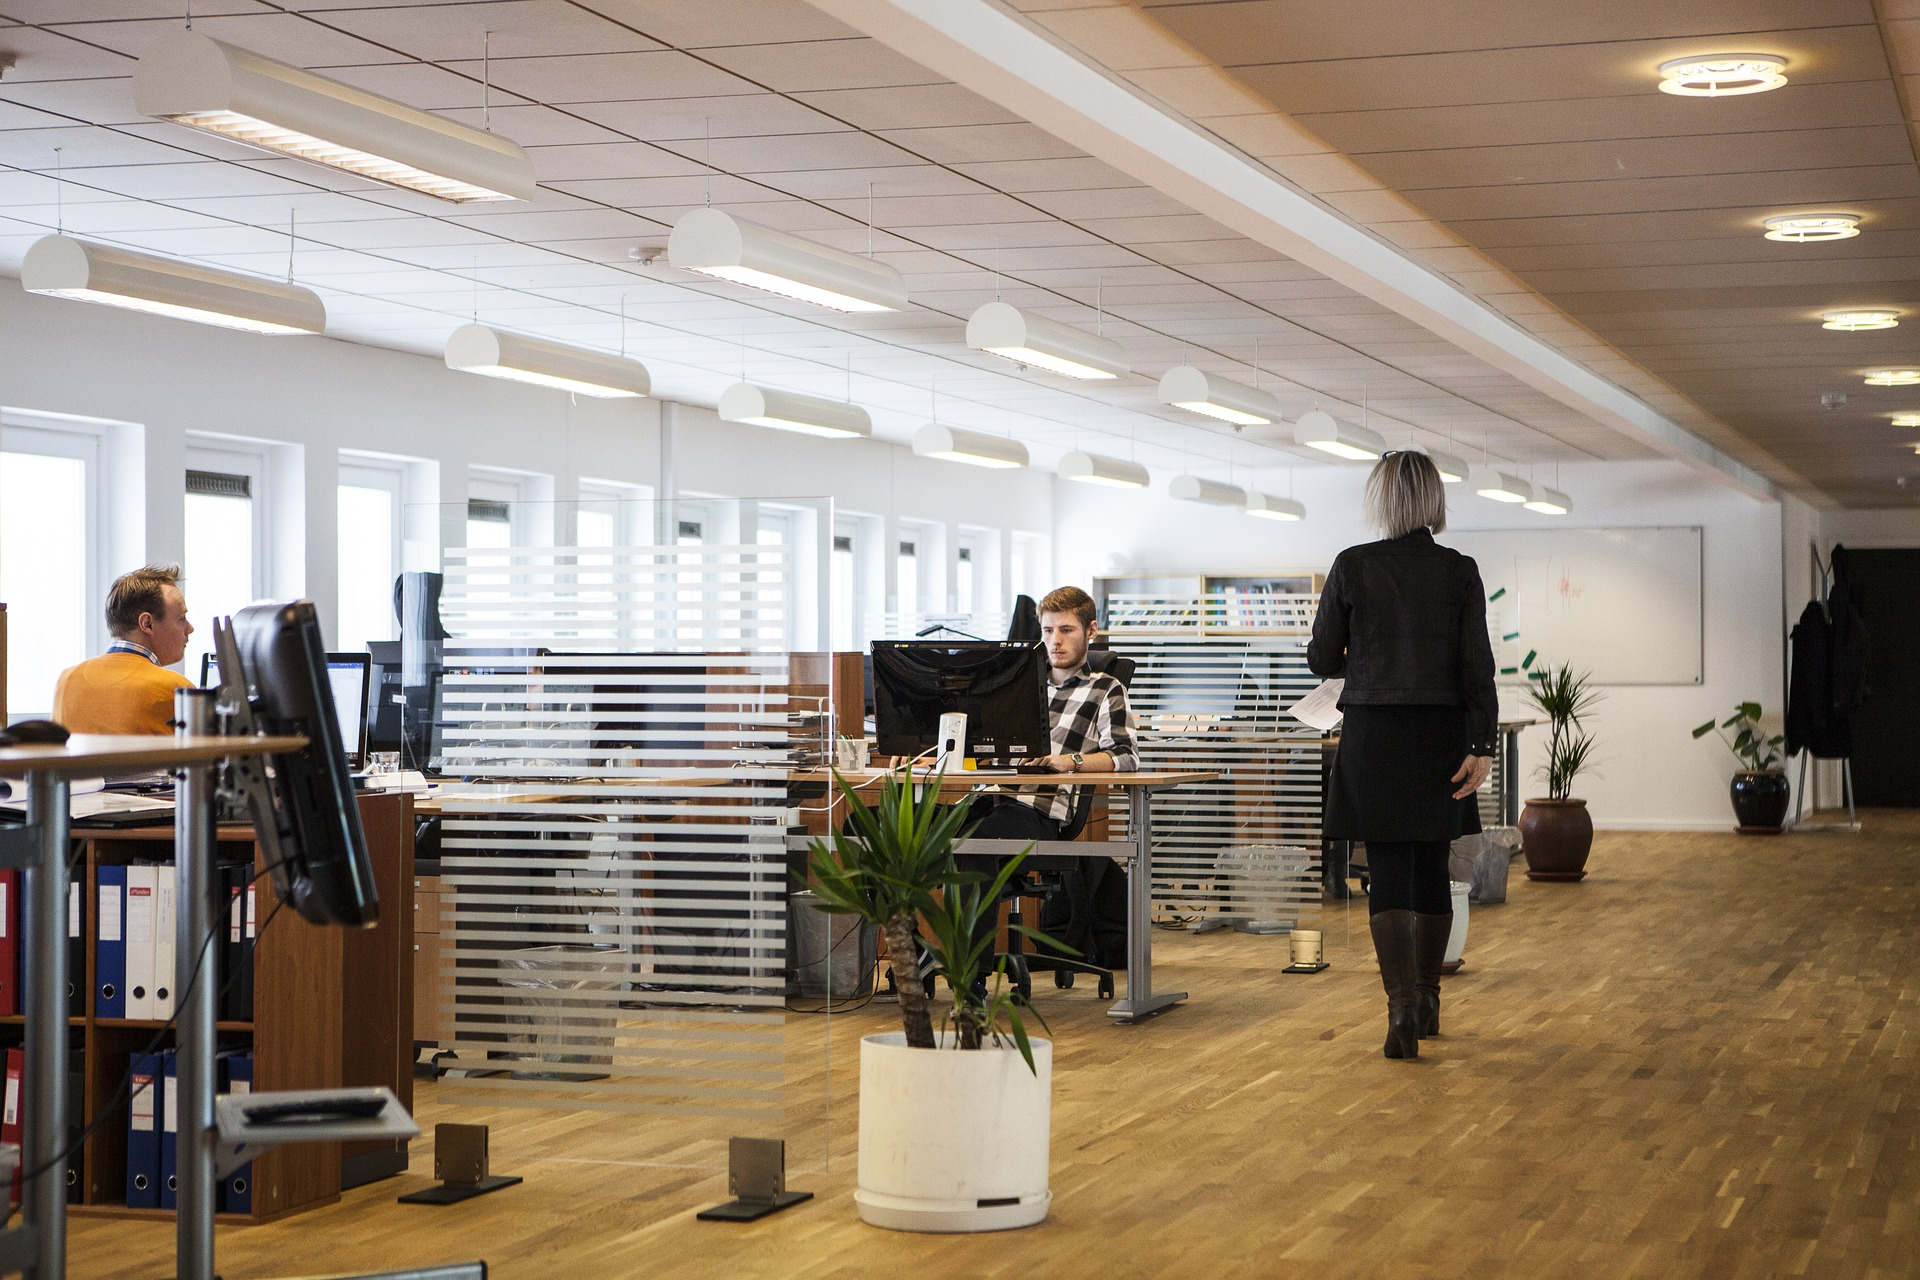 office-2360063_1920.jpg